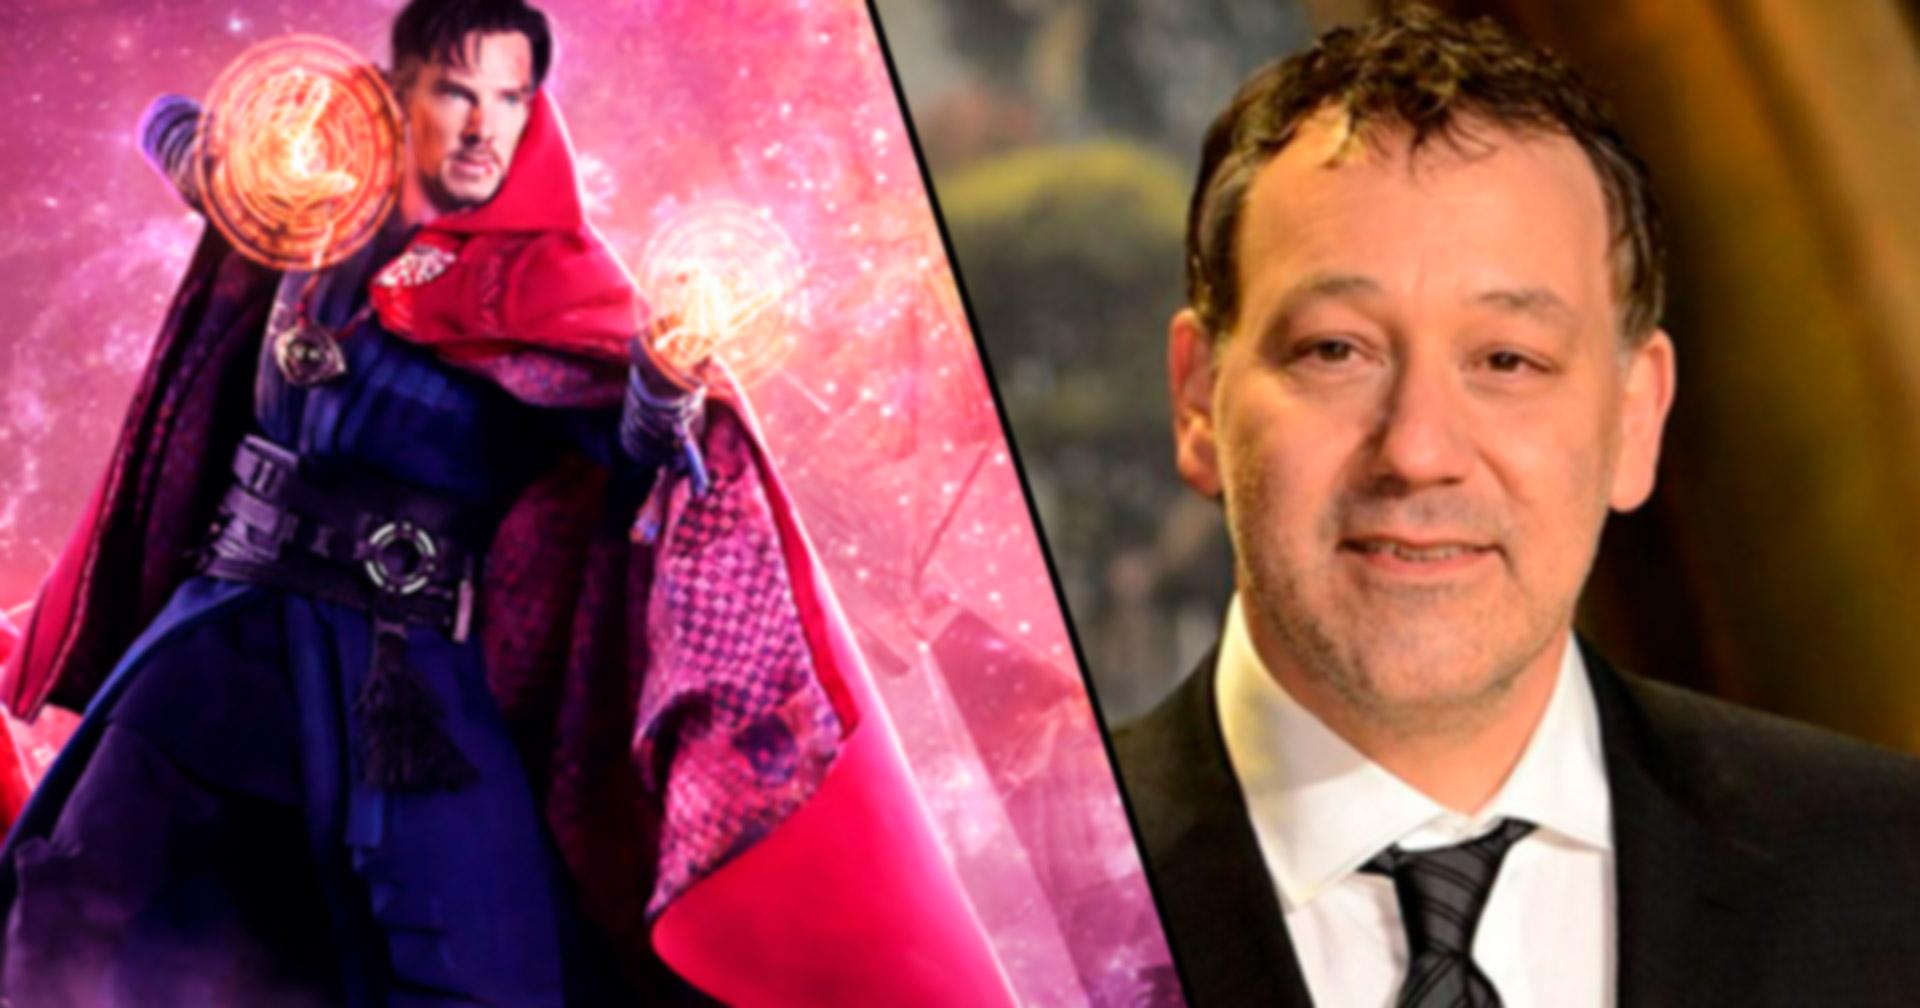 Doutor Estranho 2 e Sam Raimi mudarão o futuro do MCU, diz roteirista de Loki